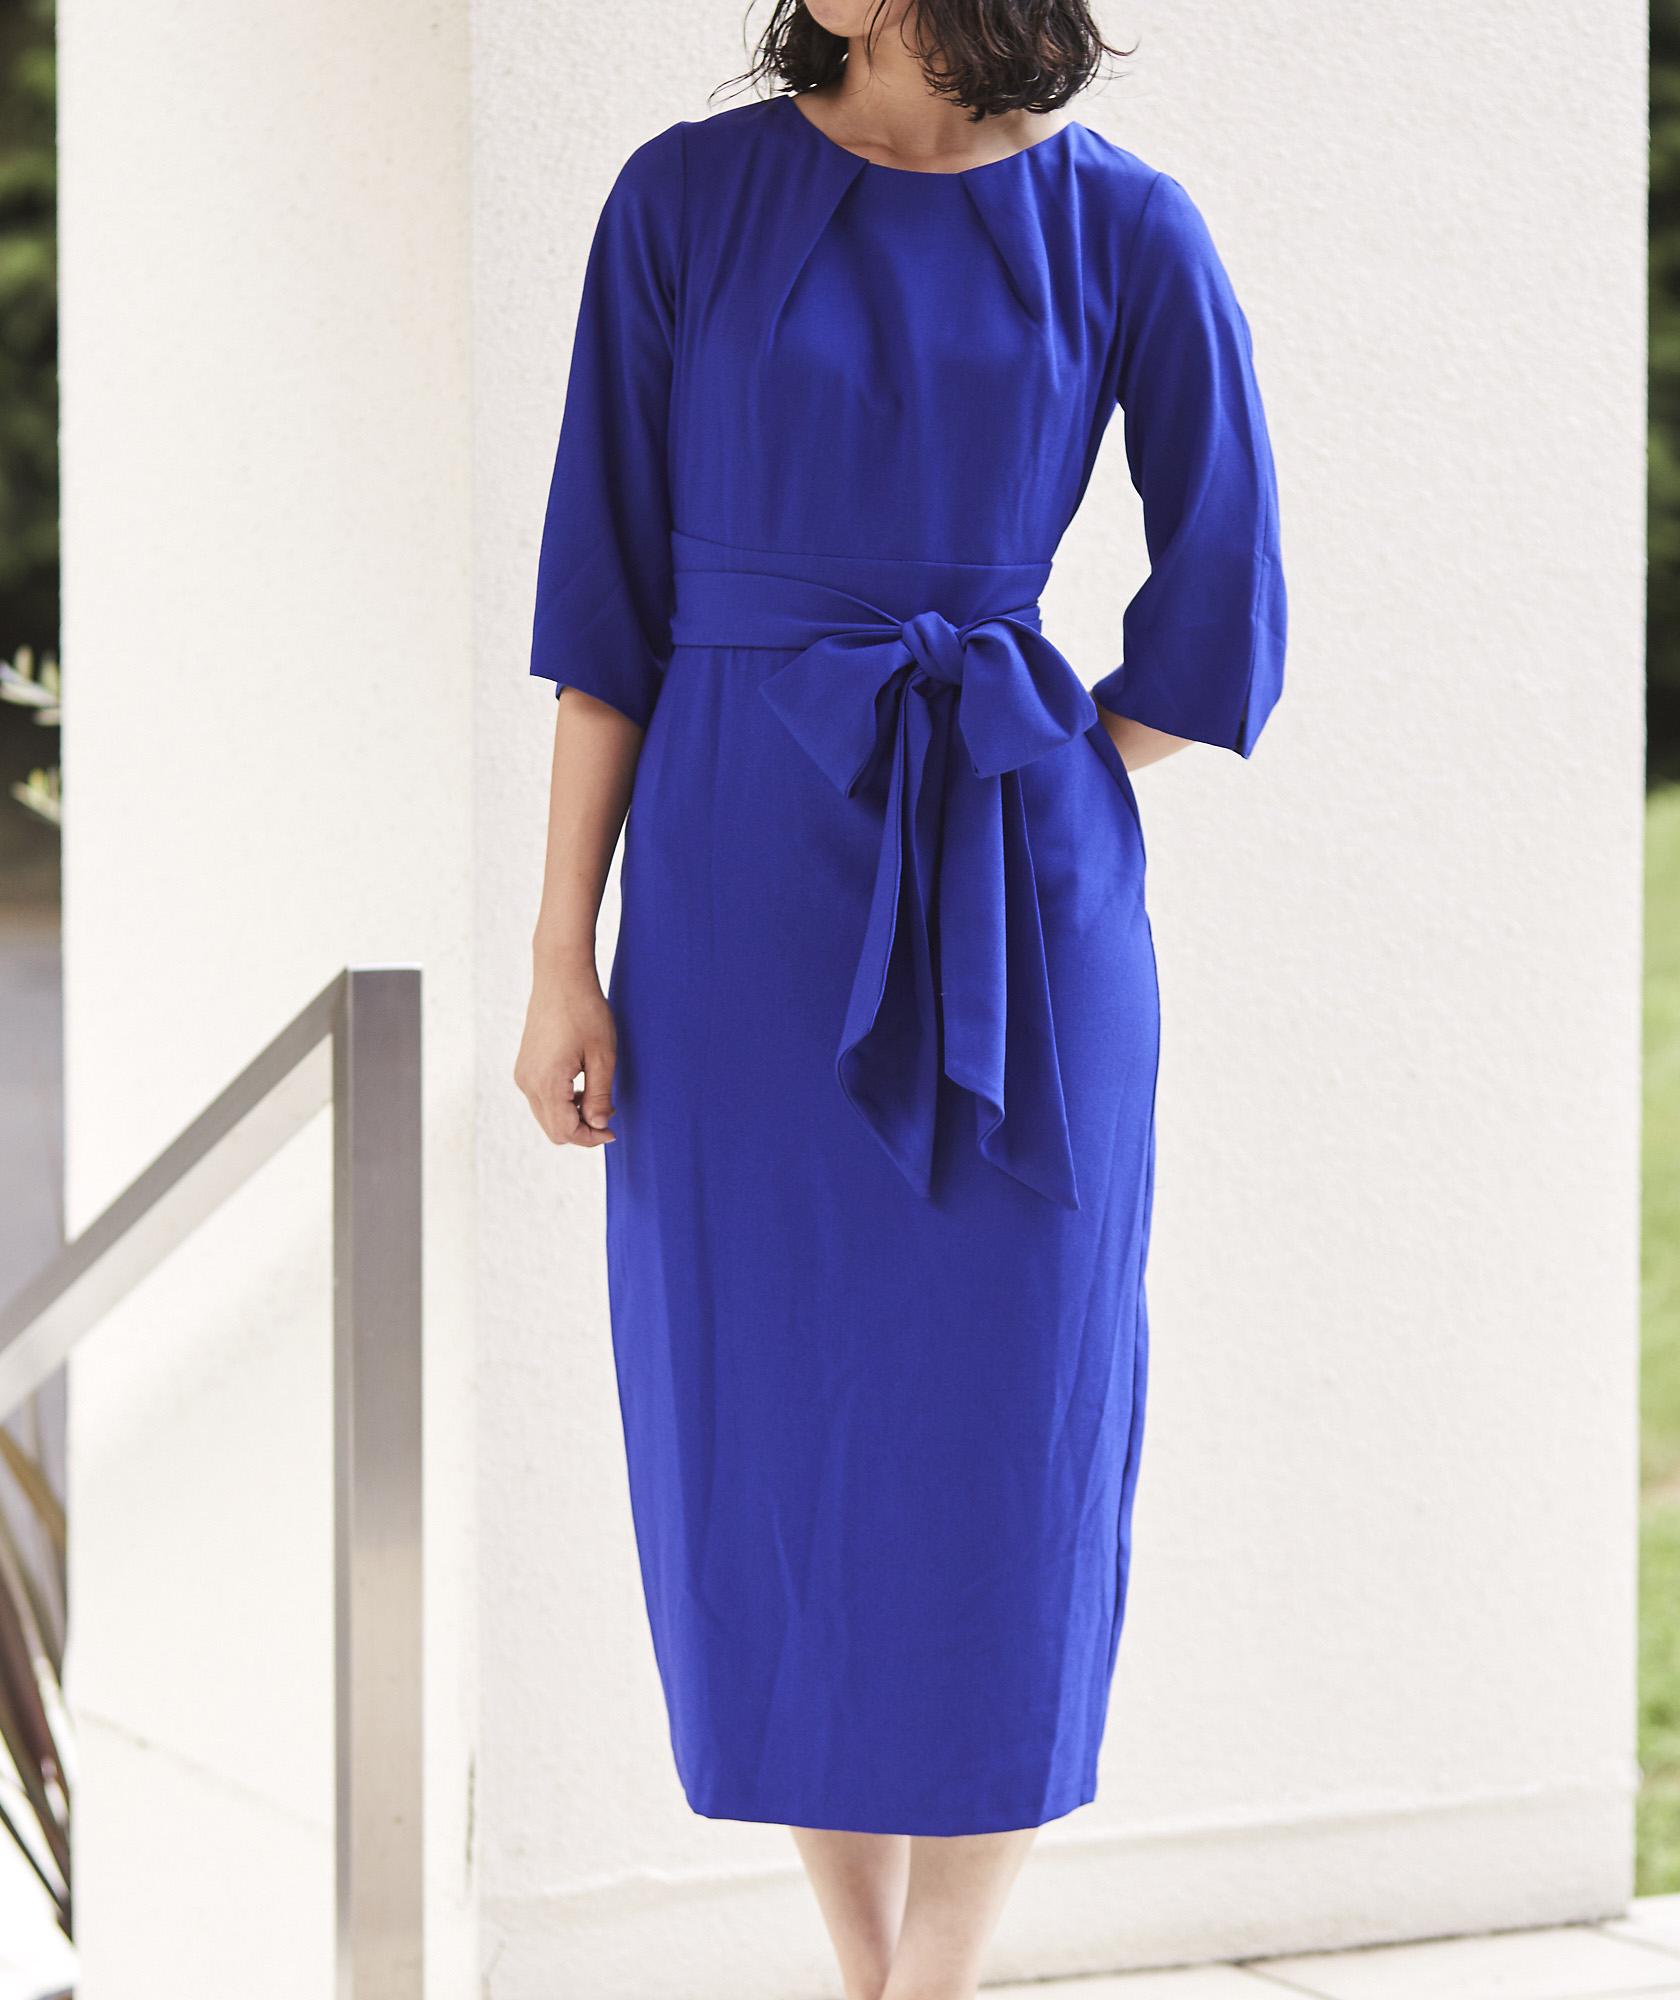 クルーネックウエストマークミディアムドレス-ブルーー-M-L